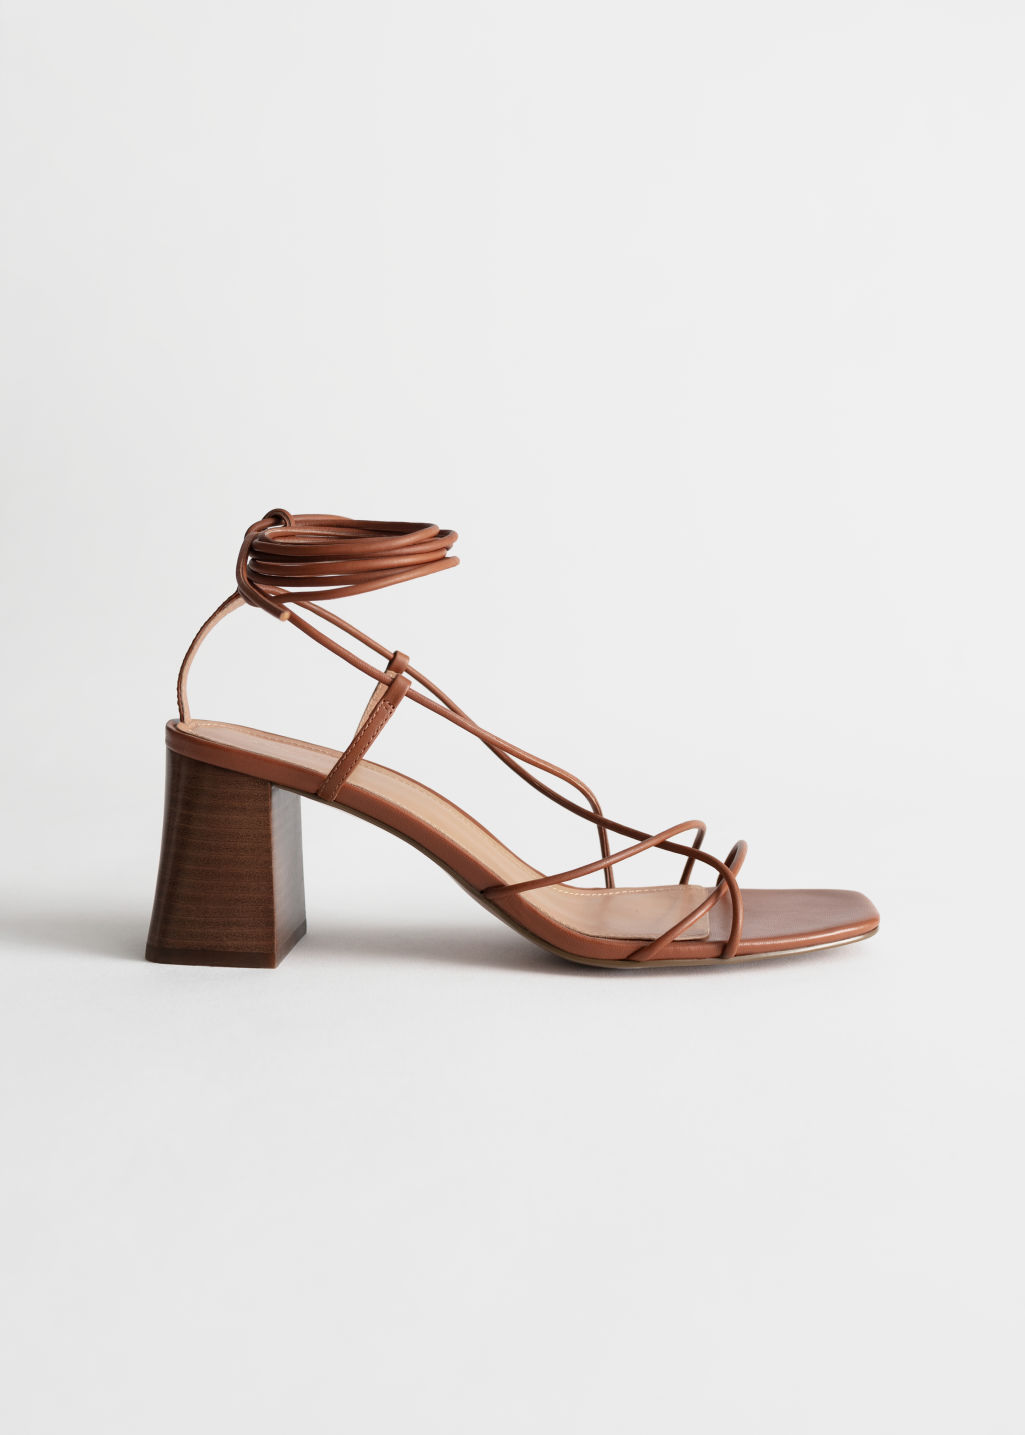 Sandalias marrones de tacón con cordones y tiras de cuero